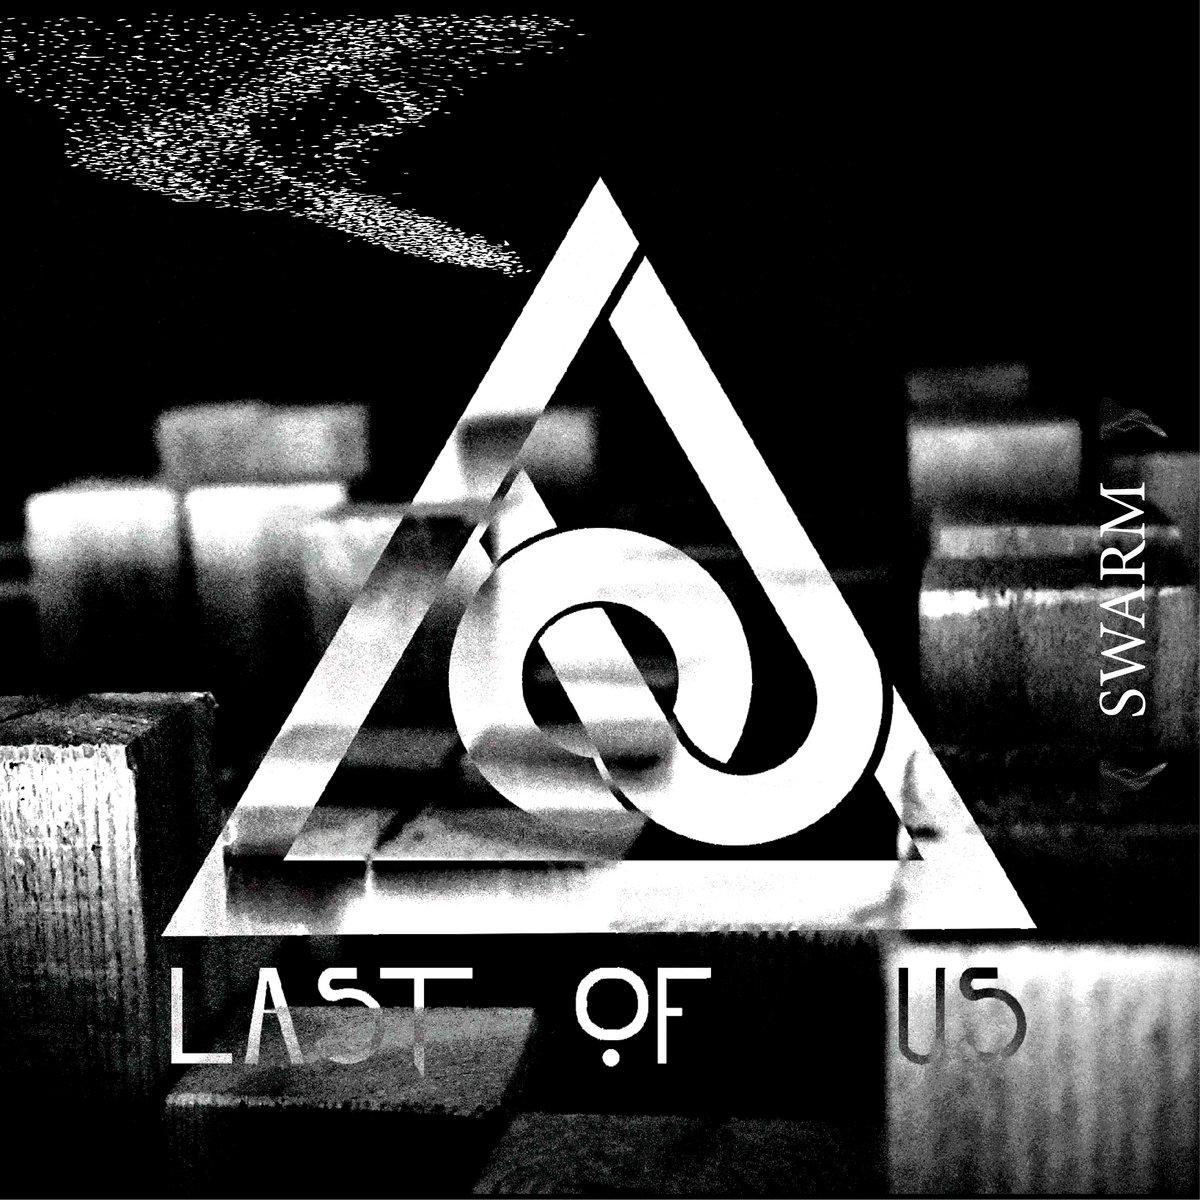 last of us swarm album cover